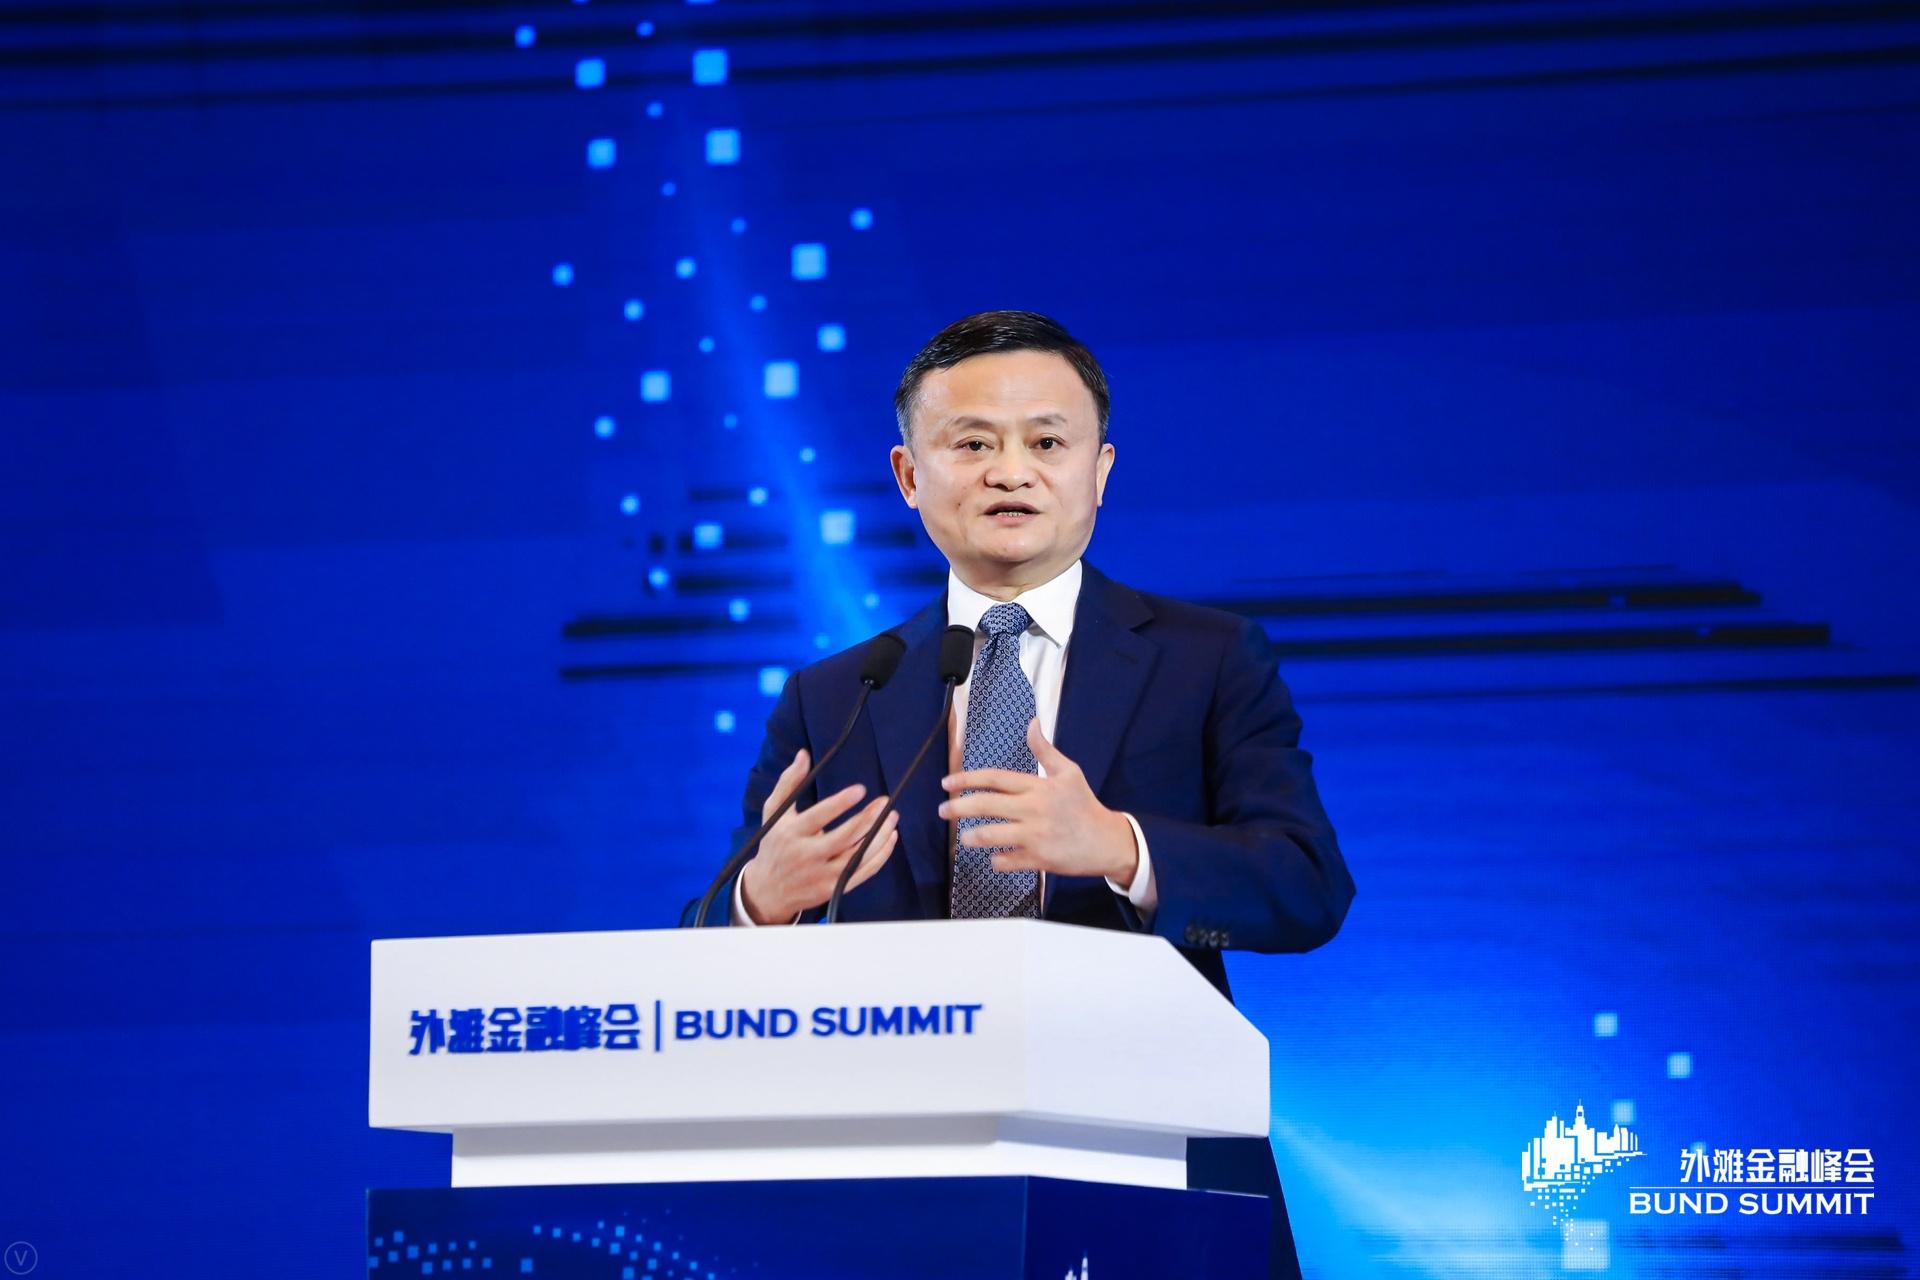 马云:全球的金融体系必须改革图片